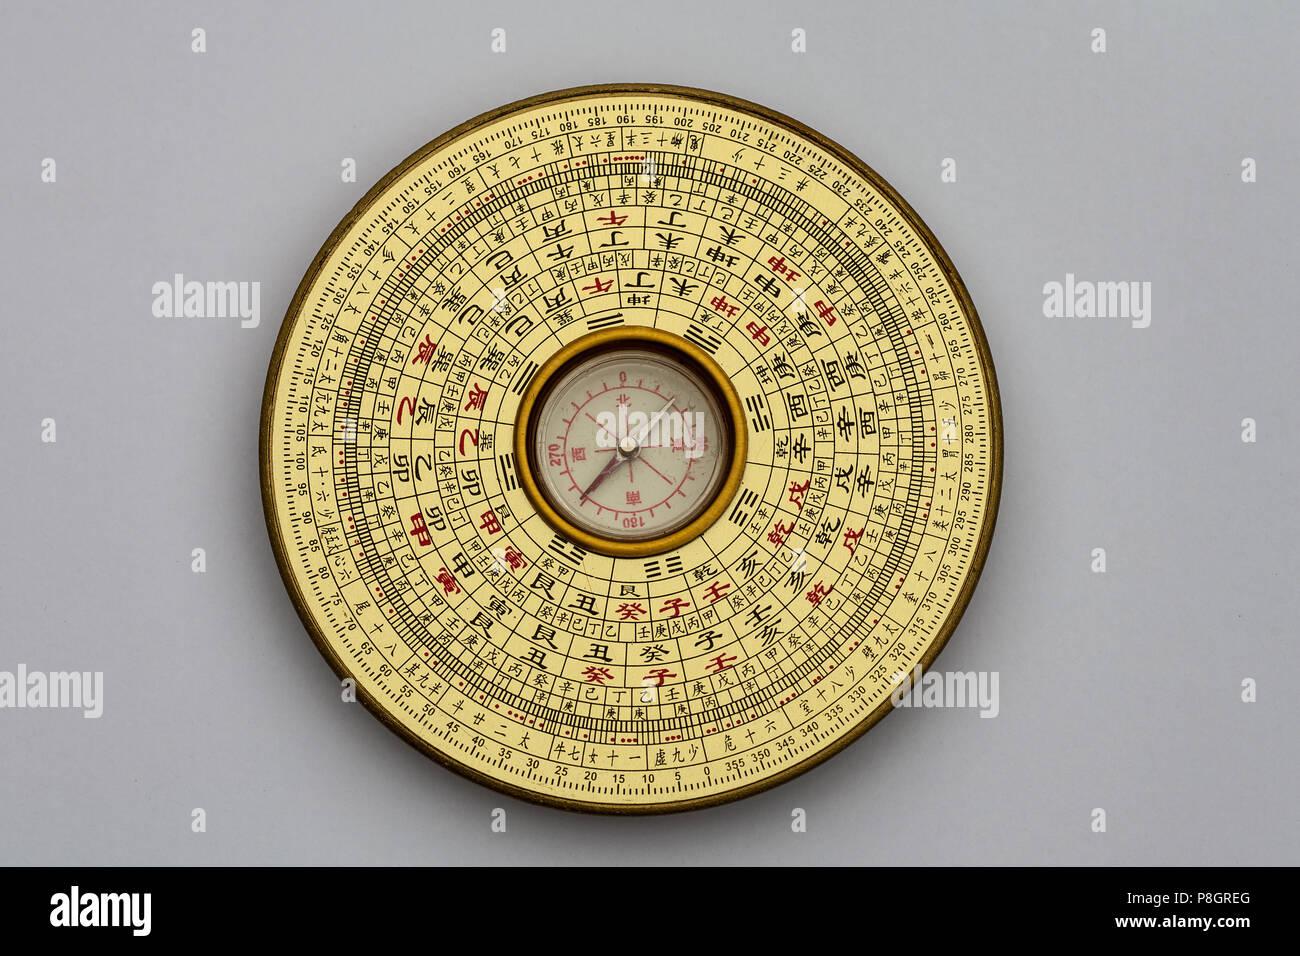 Il cinese Luopan bussola, utilizzato per leggere il Feng Shui dell'ambiente Immagini Stock